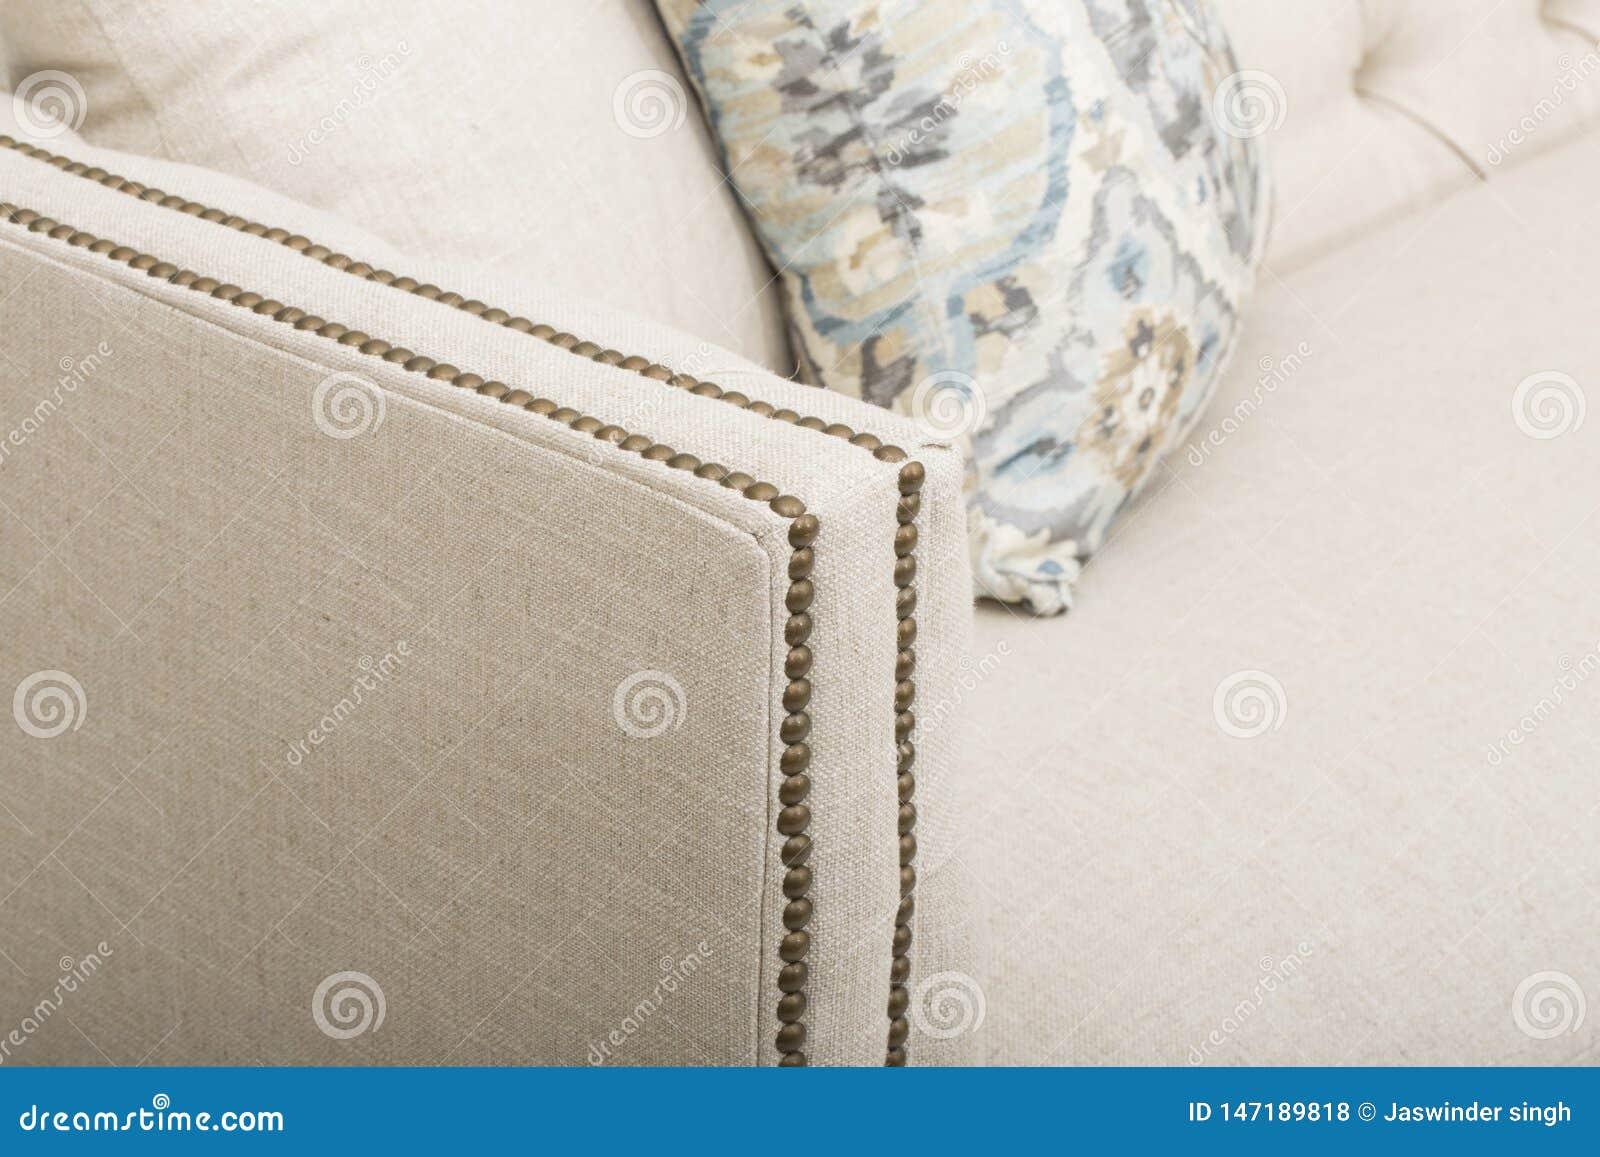 Sofaklubsessel-Sofaclub, helles beige Gewebe heftete sich Klubsessel, Art-Wohnzimmer-Sessel, Größen-Lagerschwellensofas durch, di